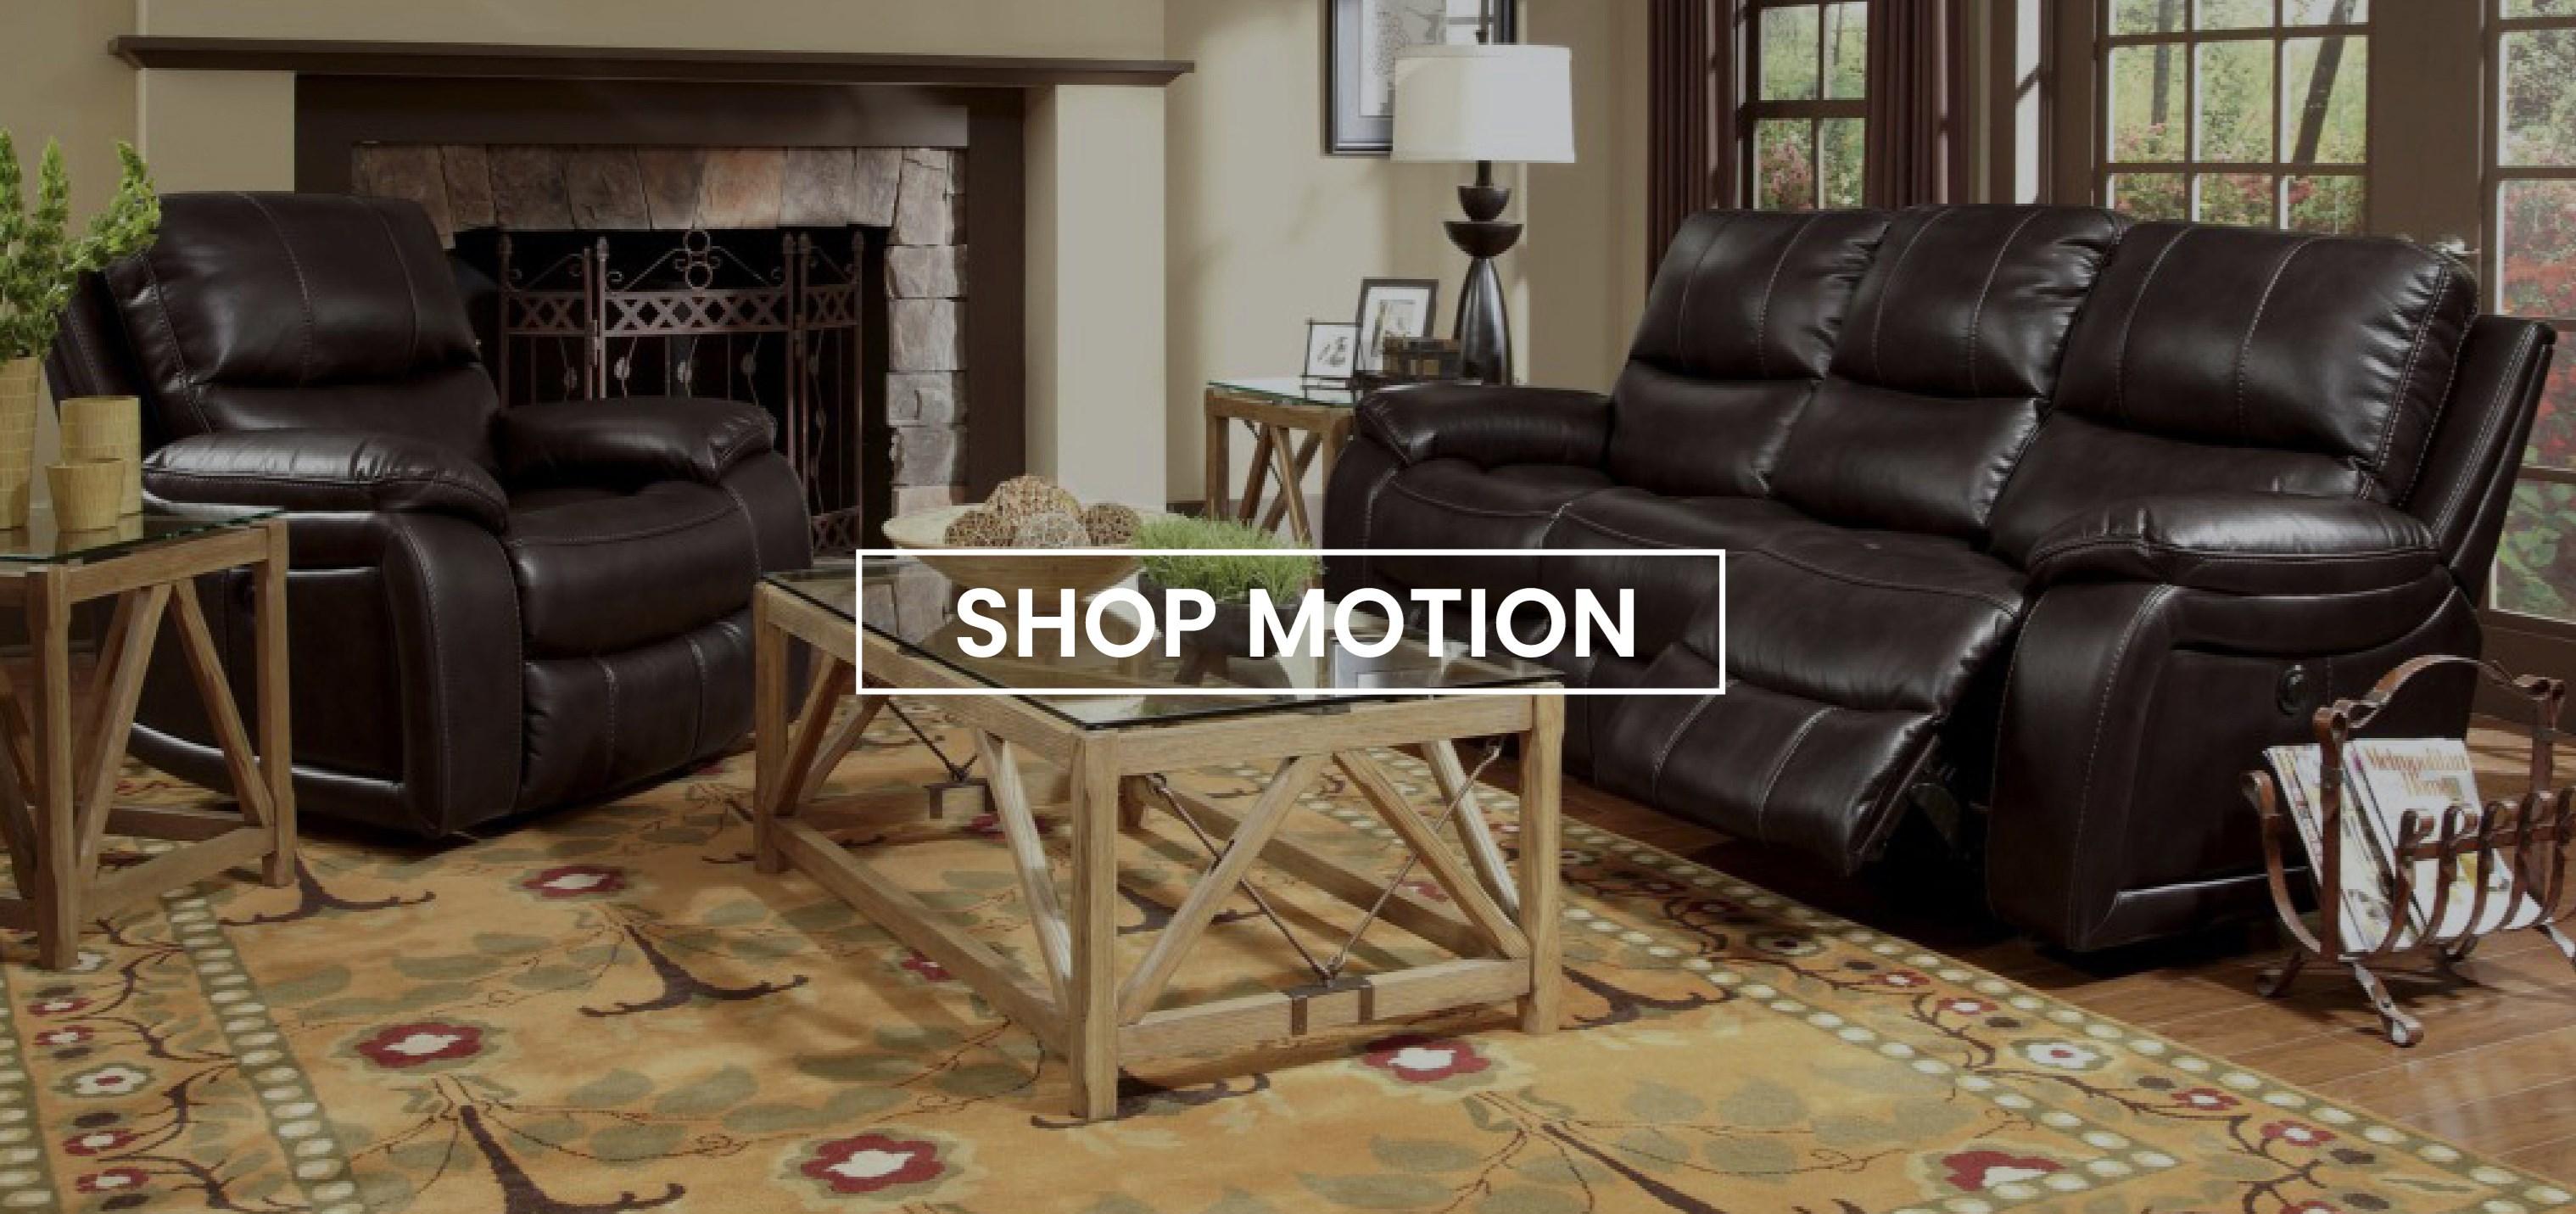 Shop Motion